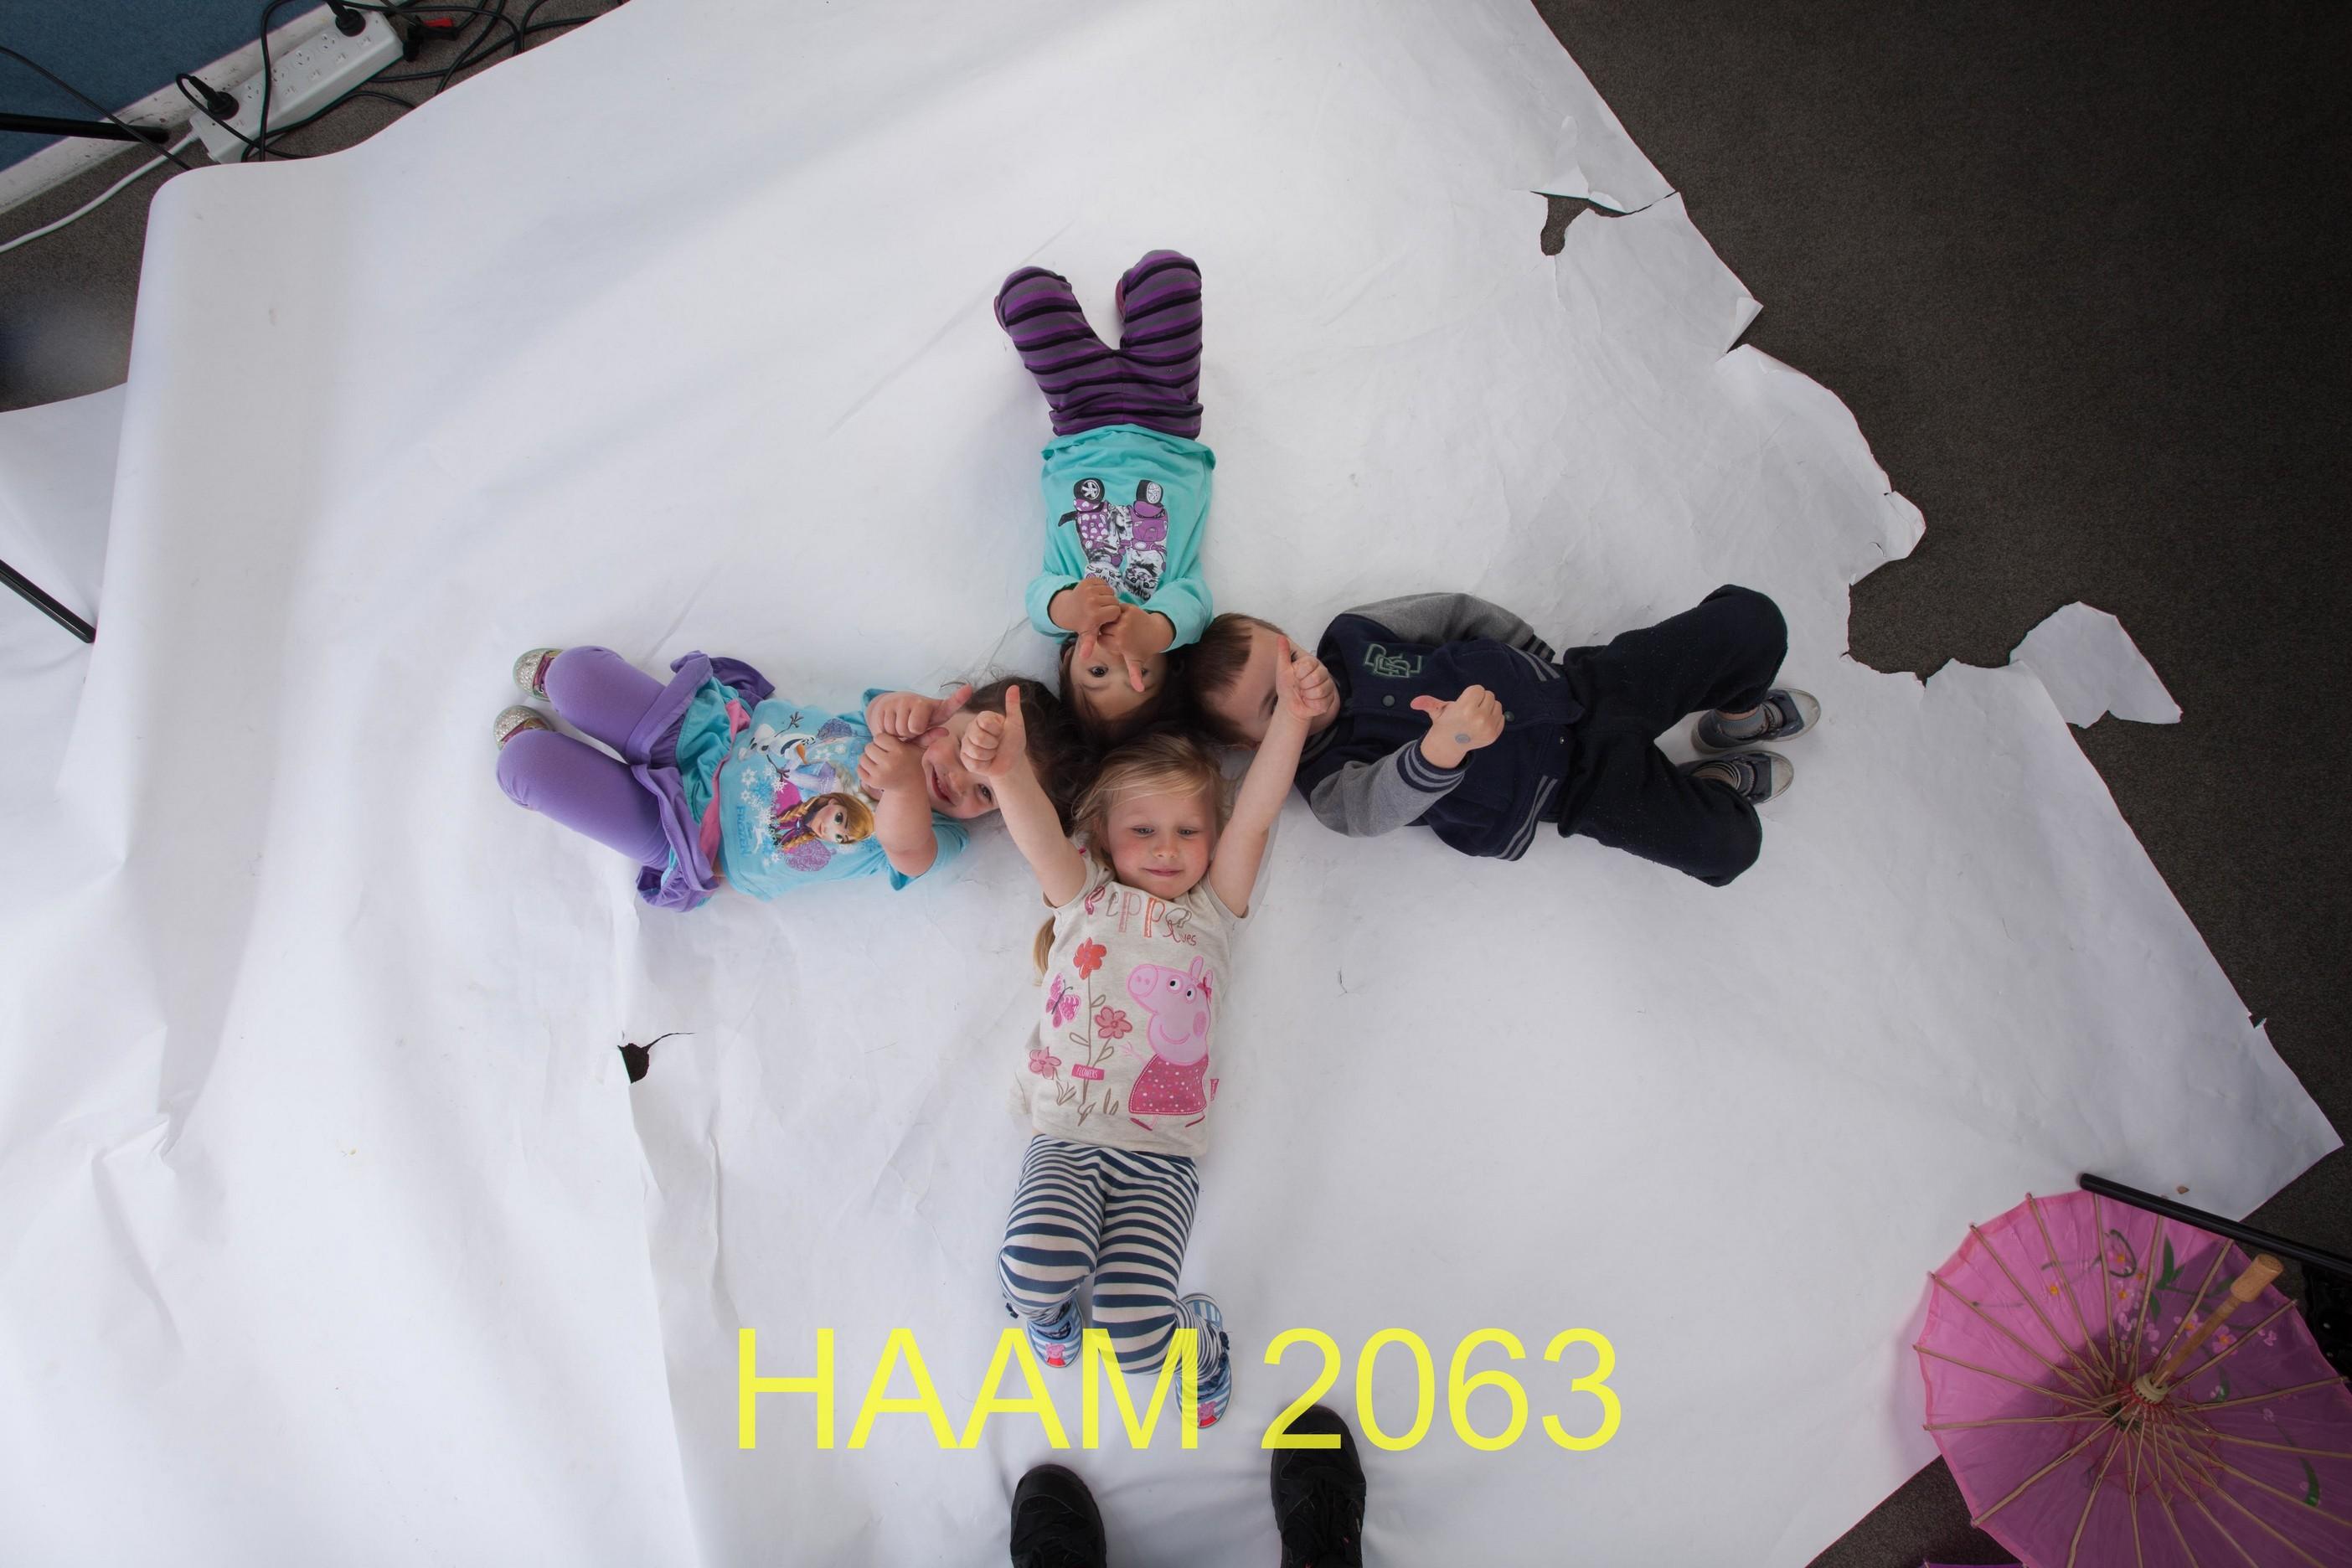 HAAM 2063